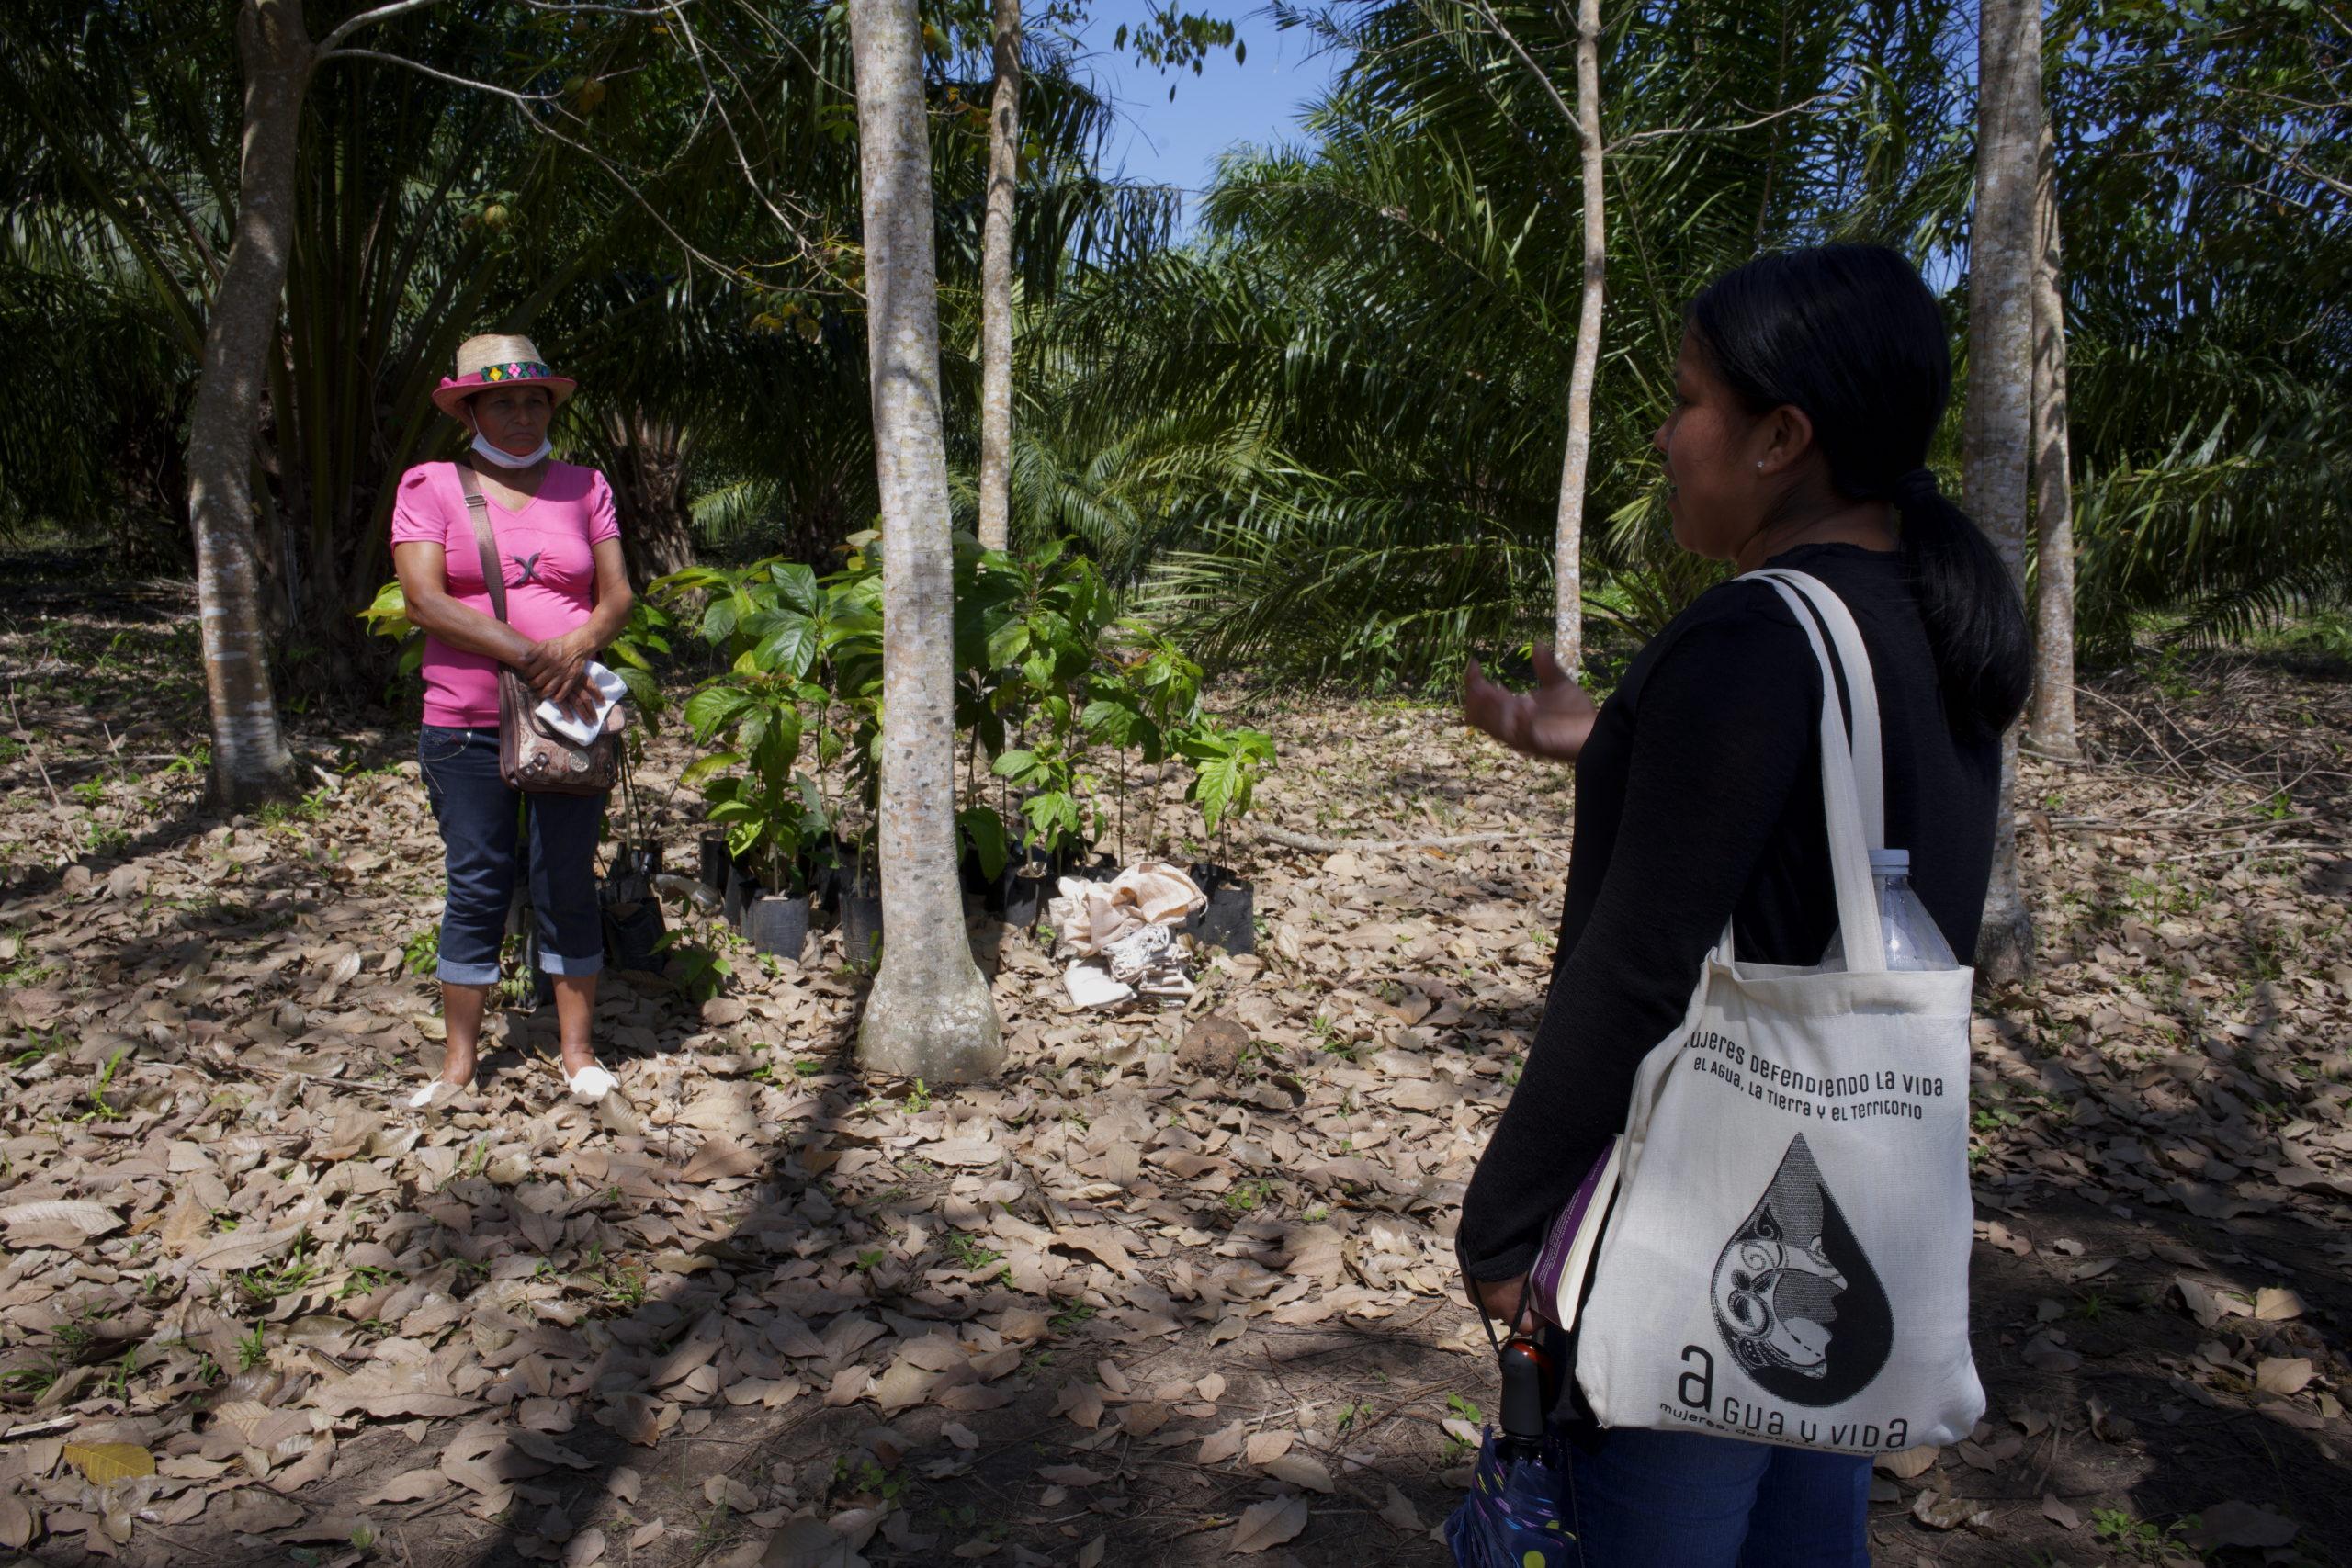 Las mujeres denuncian las afectaciones de la palma aceitera en sus cuerpos y territorios